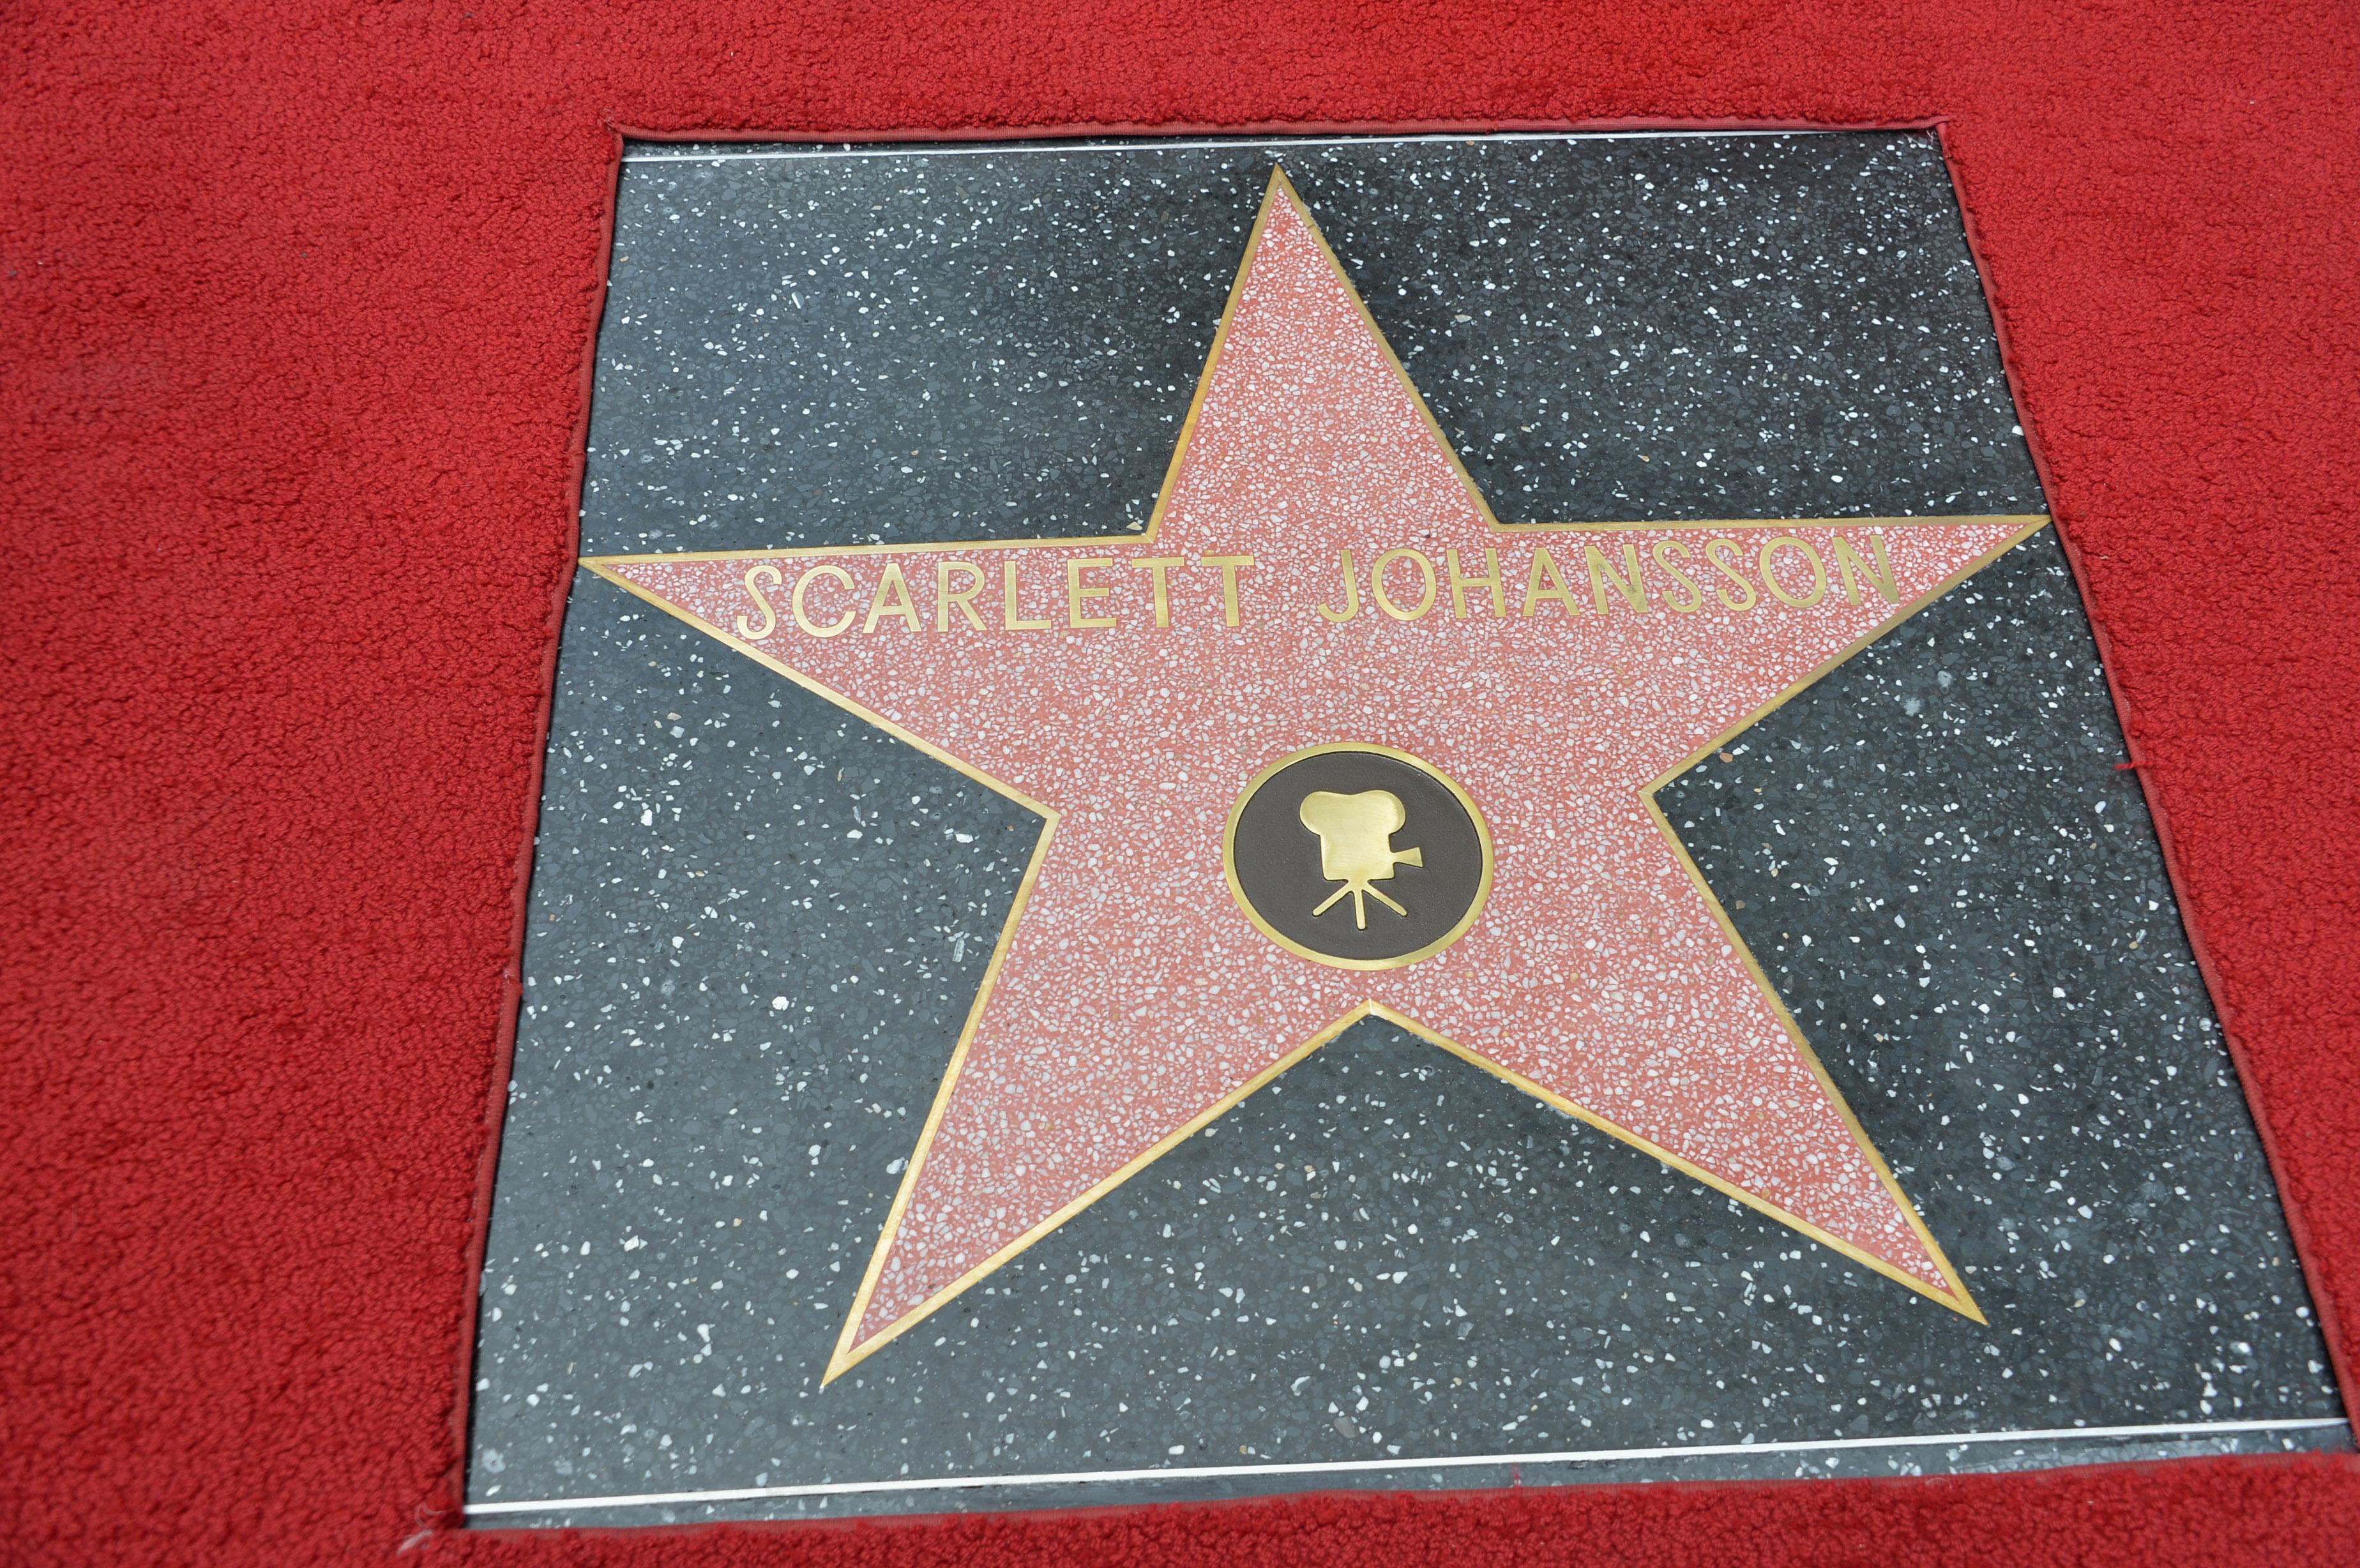 церемония открытия Скарлетт Йоханссон получает звезду на Аллее Славы Скарлетт Йоханссон,